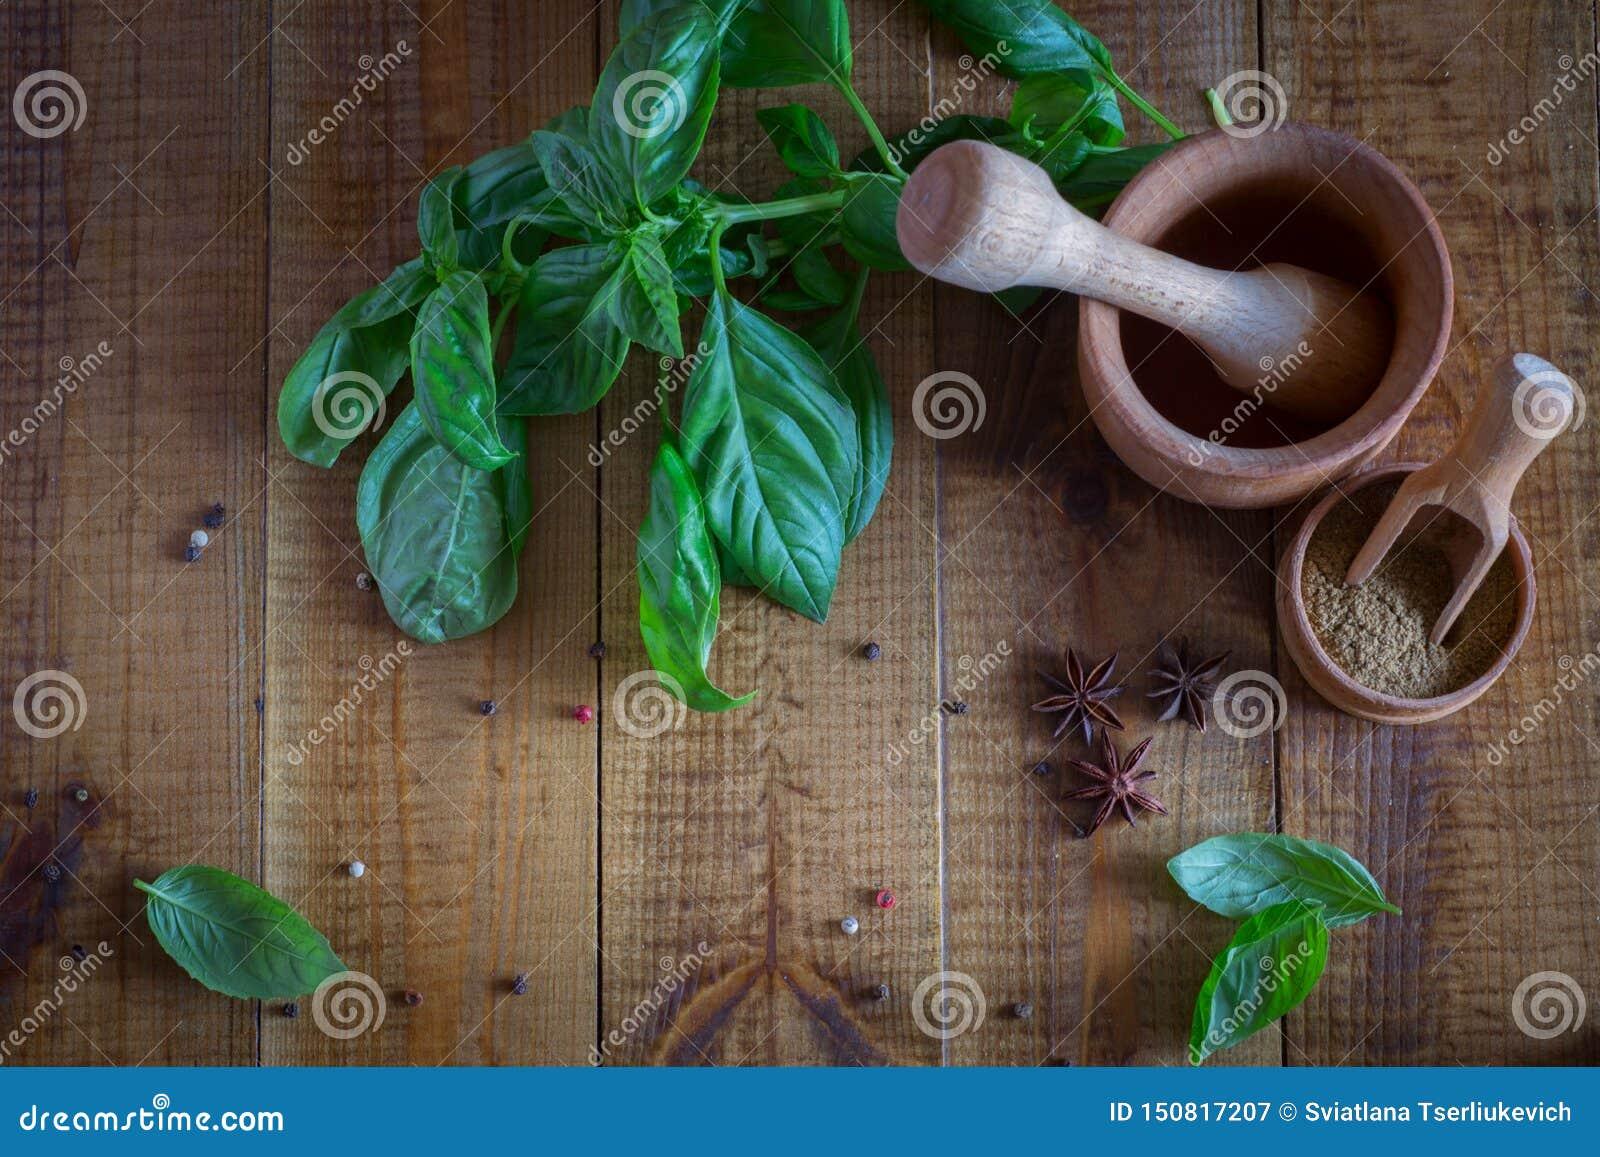 Küchengeräte für Gewürze Frischer Basilikum und Gewürze auf dem Tisch